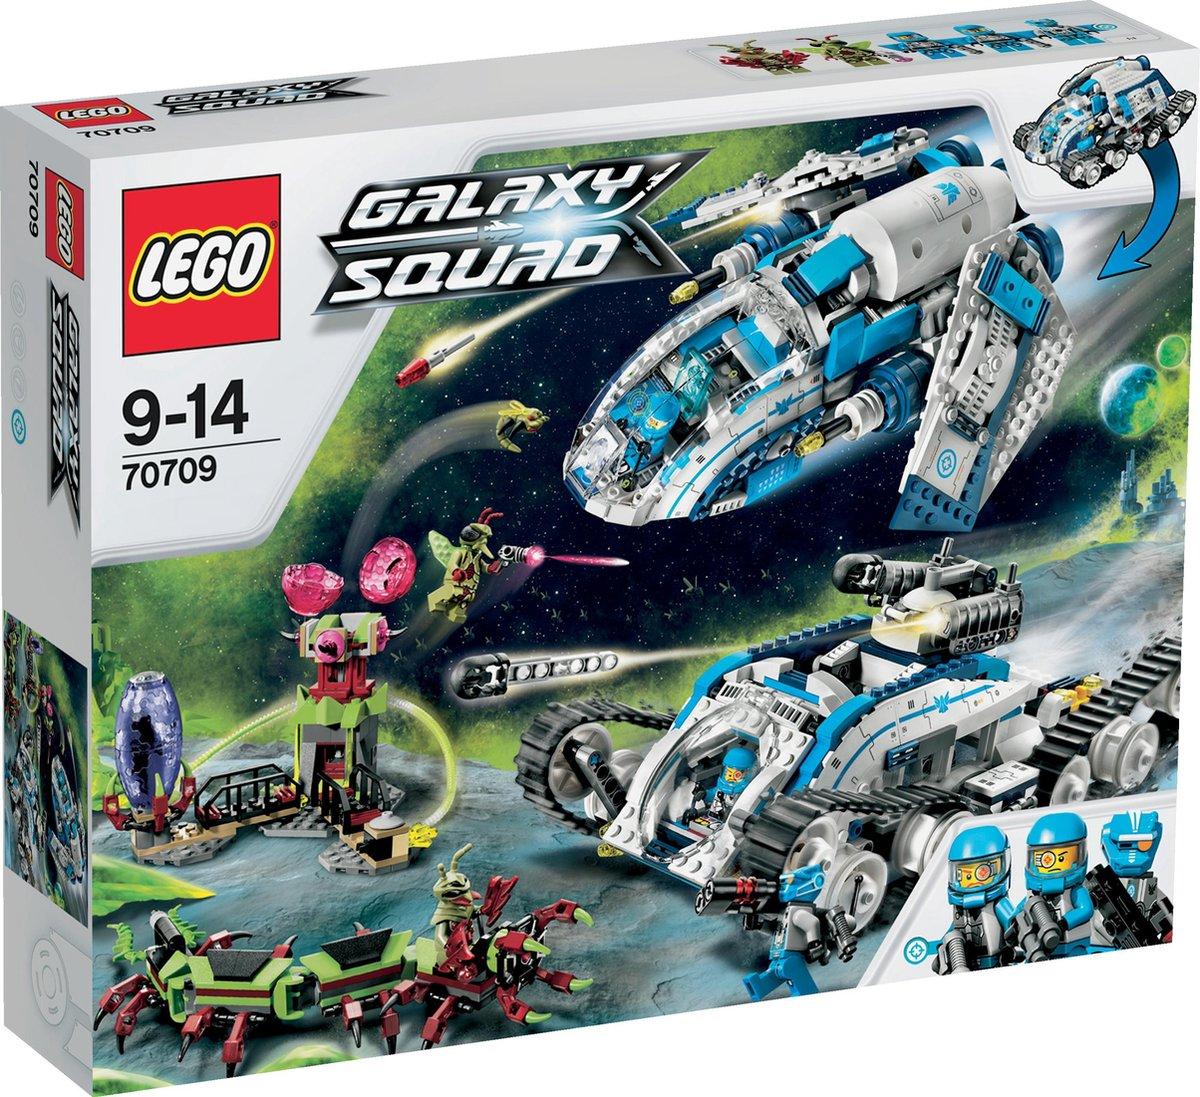 LEGO Galaxy Squad Galactic Titan - 70709